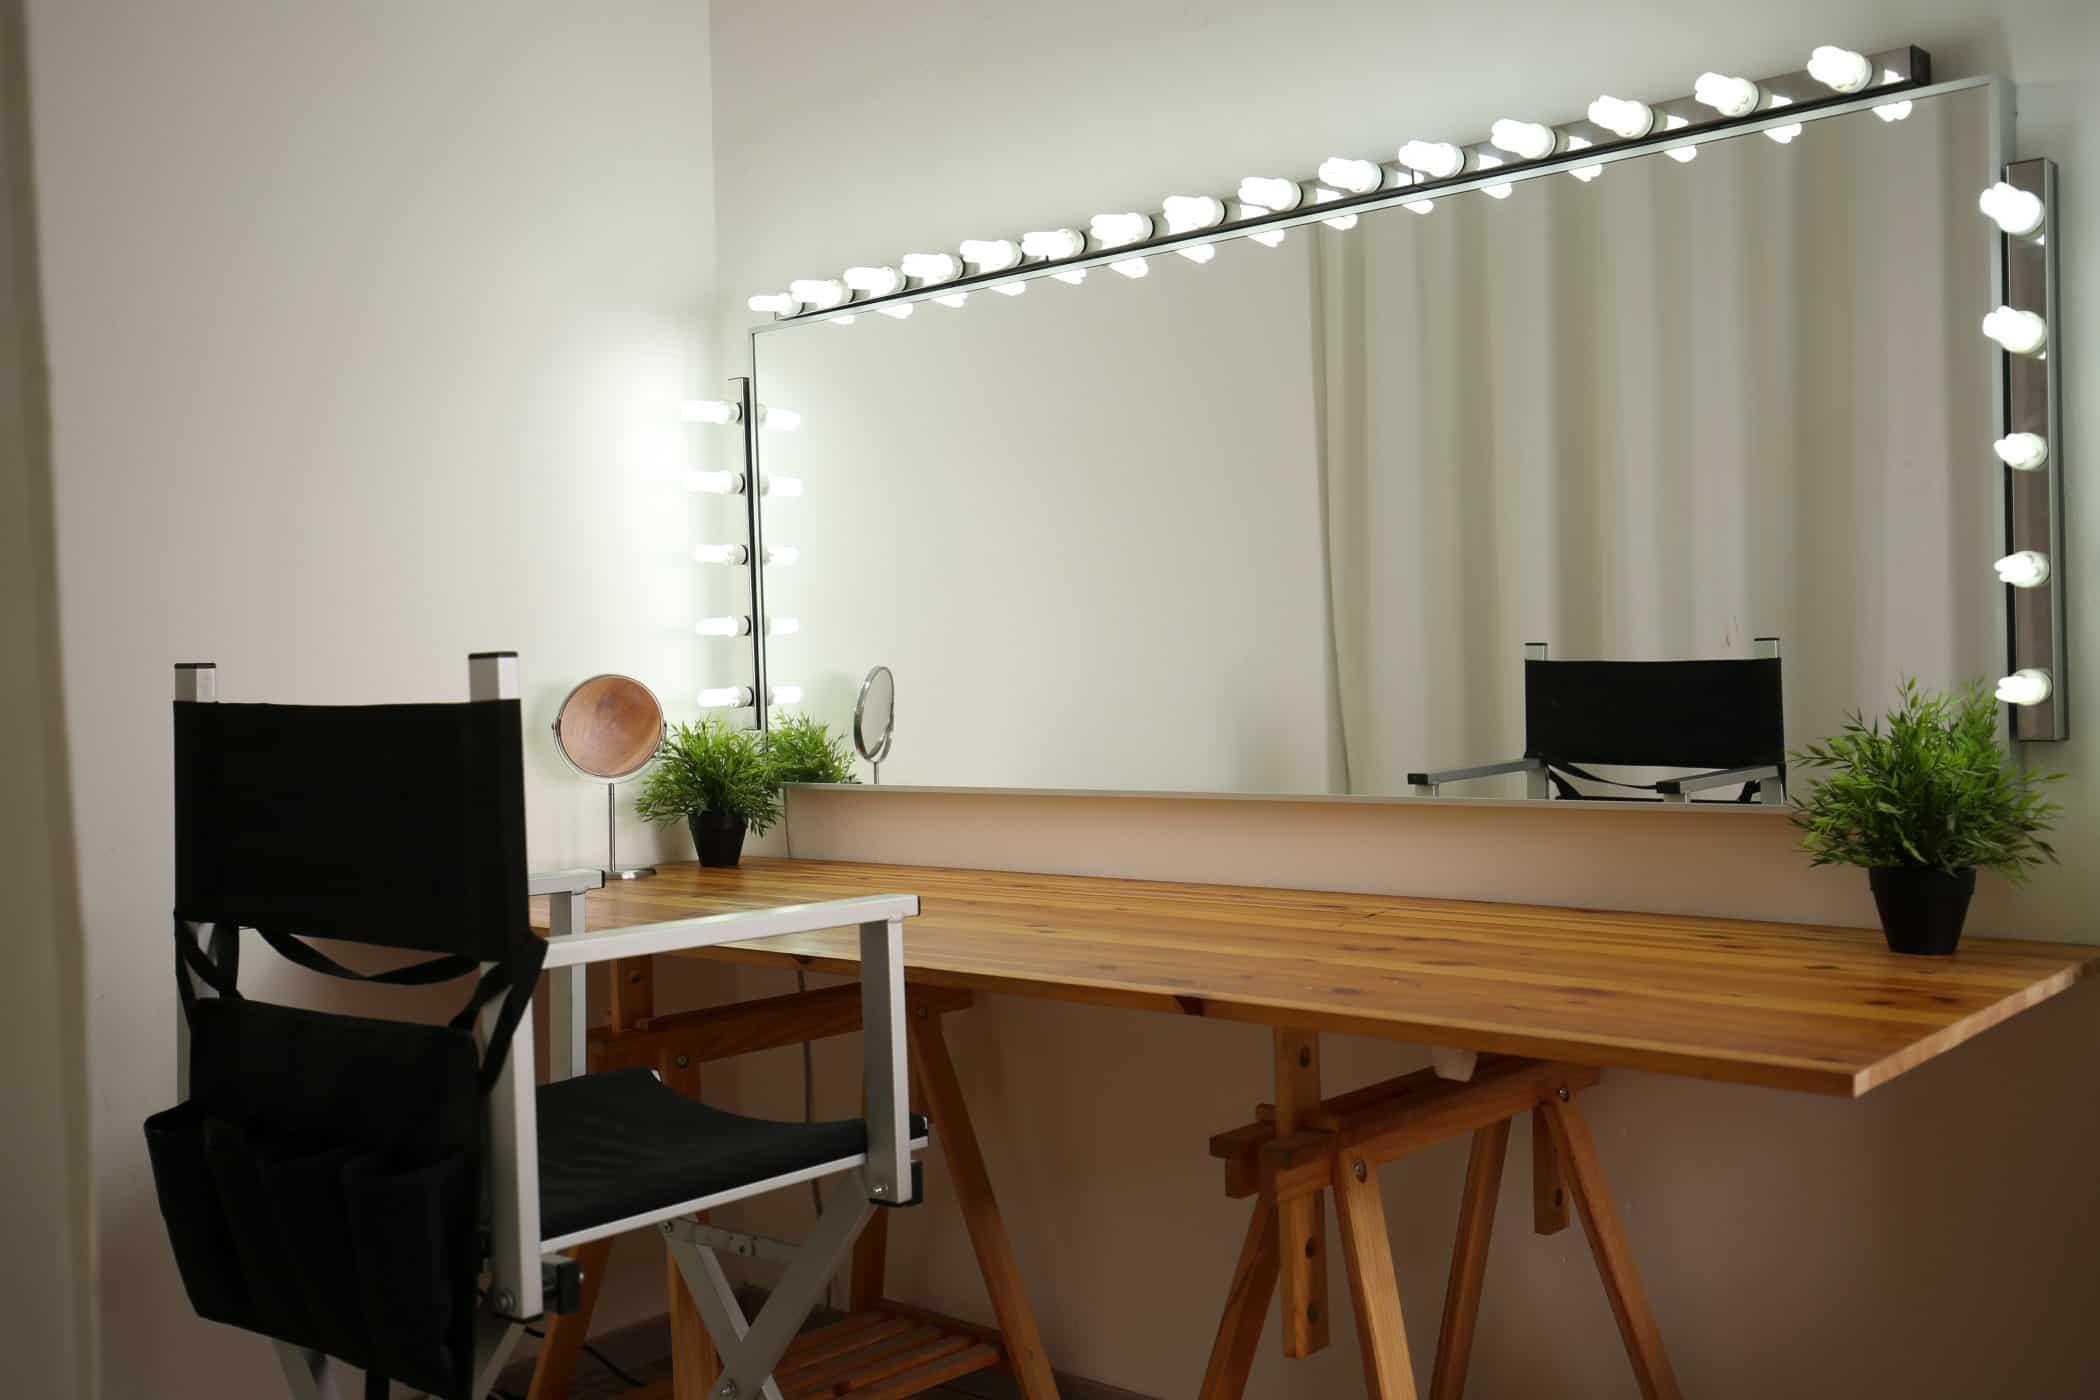 affitto-studio-fotografico-sala-pose-postazione-makeup-luci-per-servizi-fotografici-video-riprese (2)